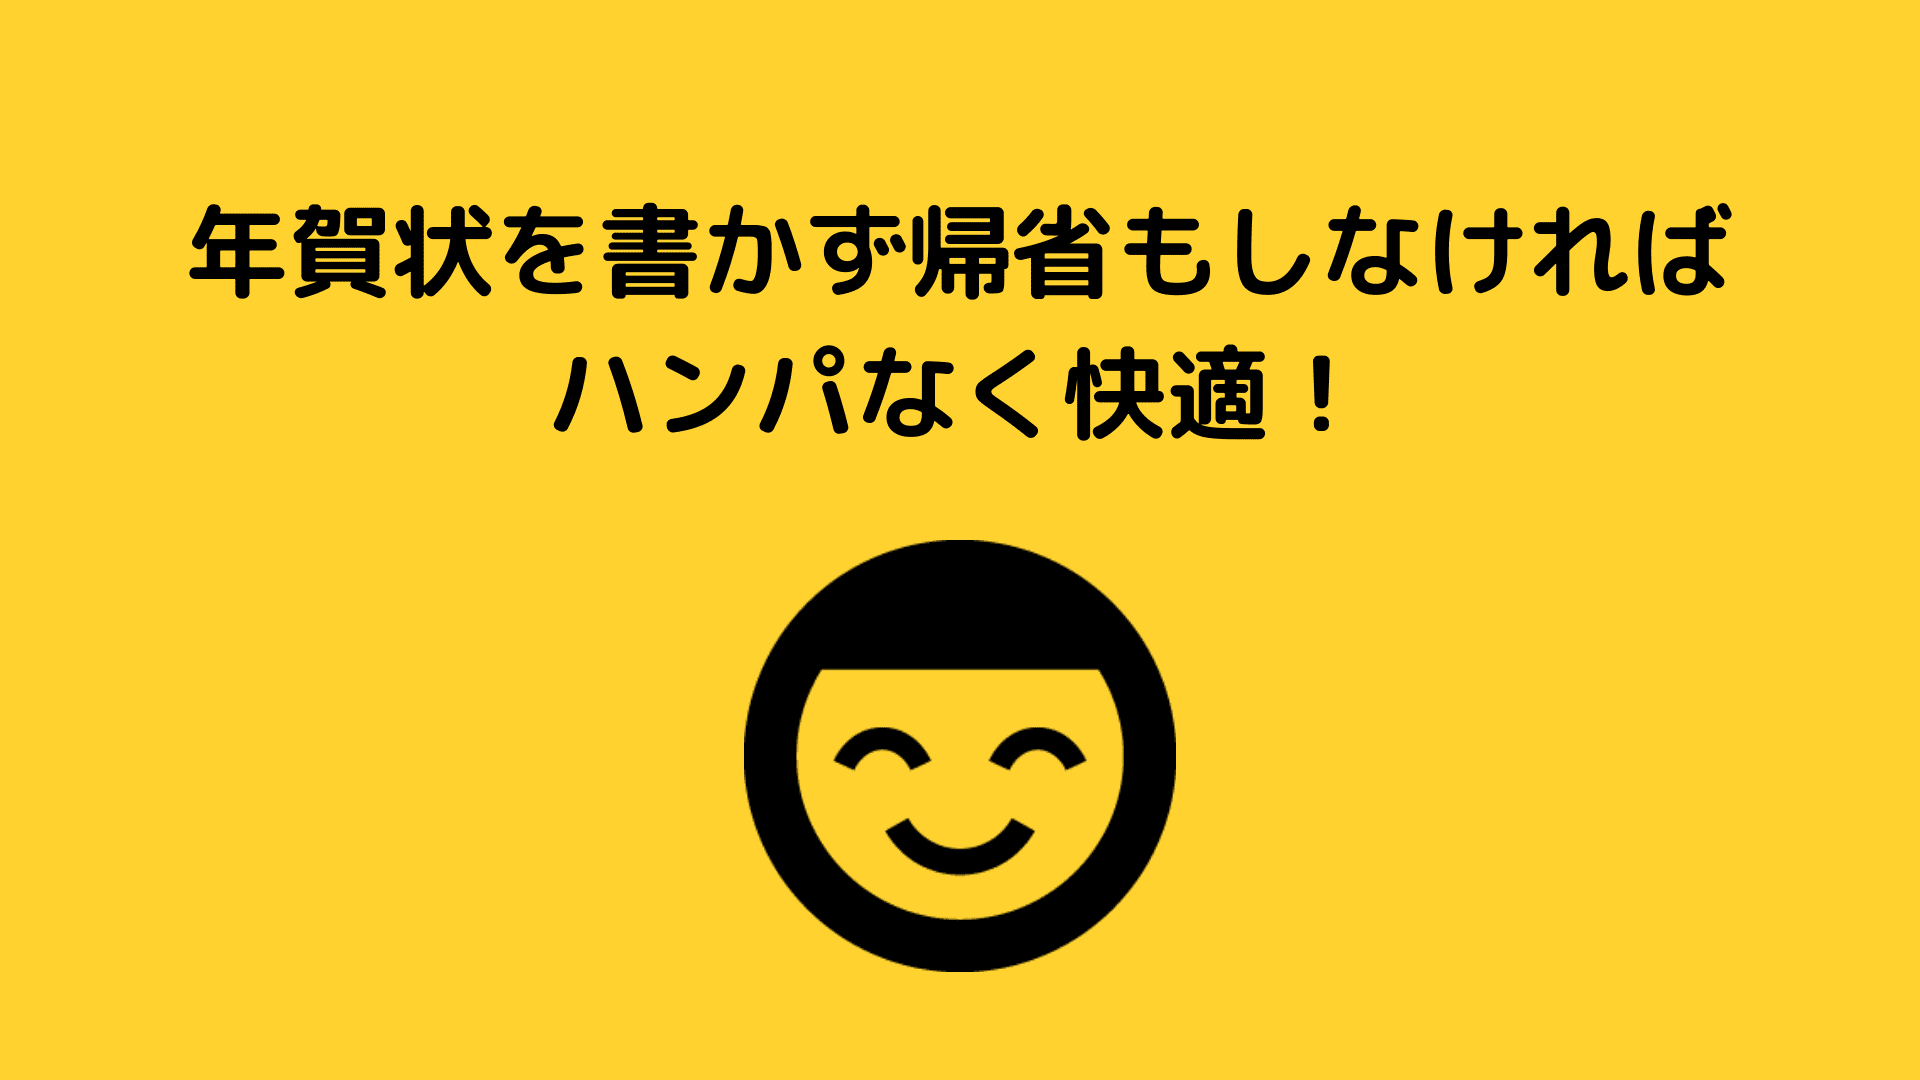 Kisei shinai